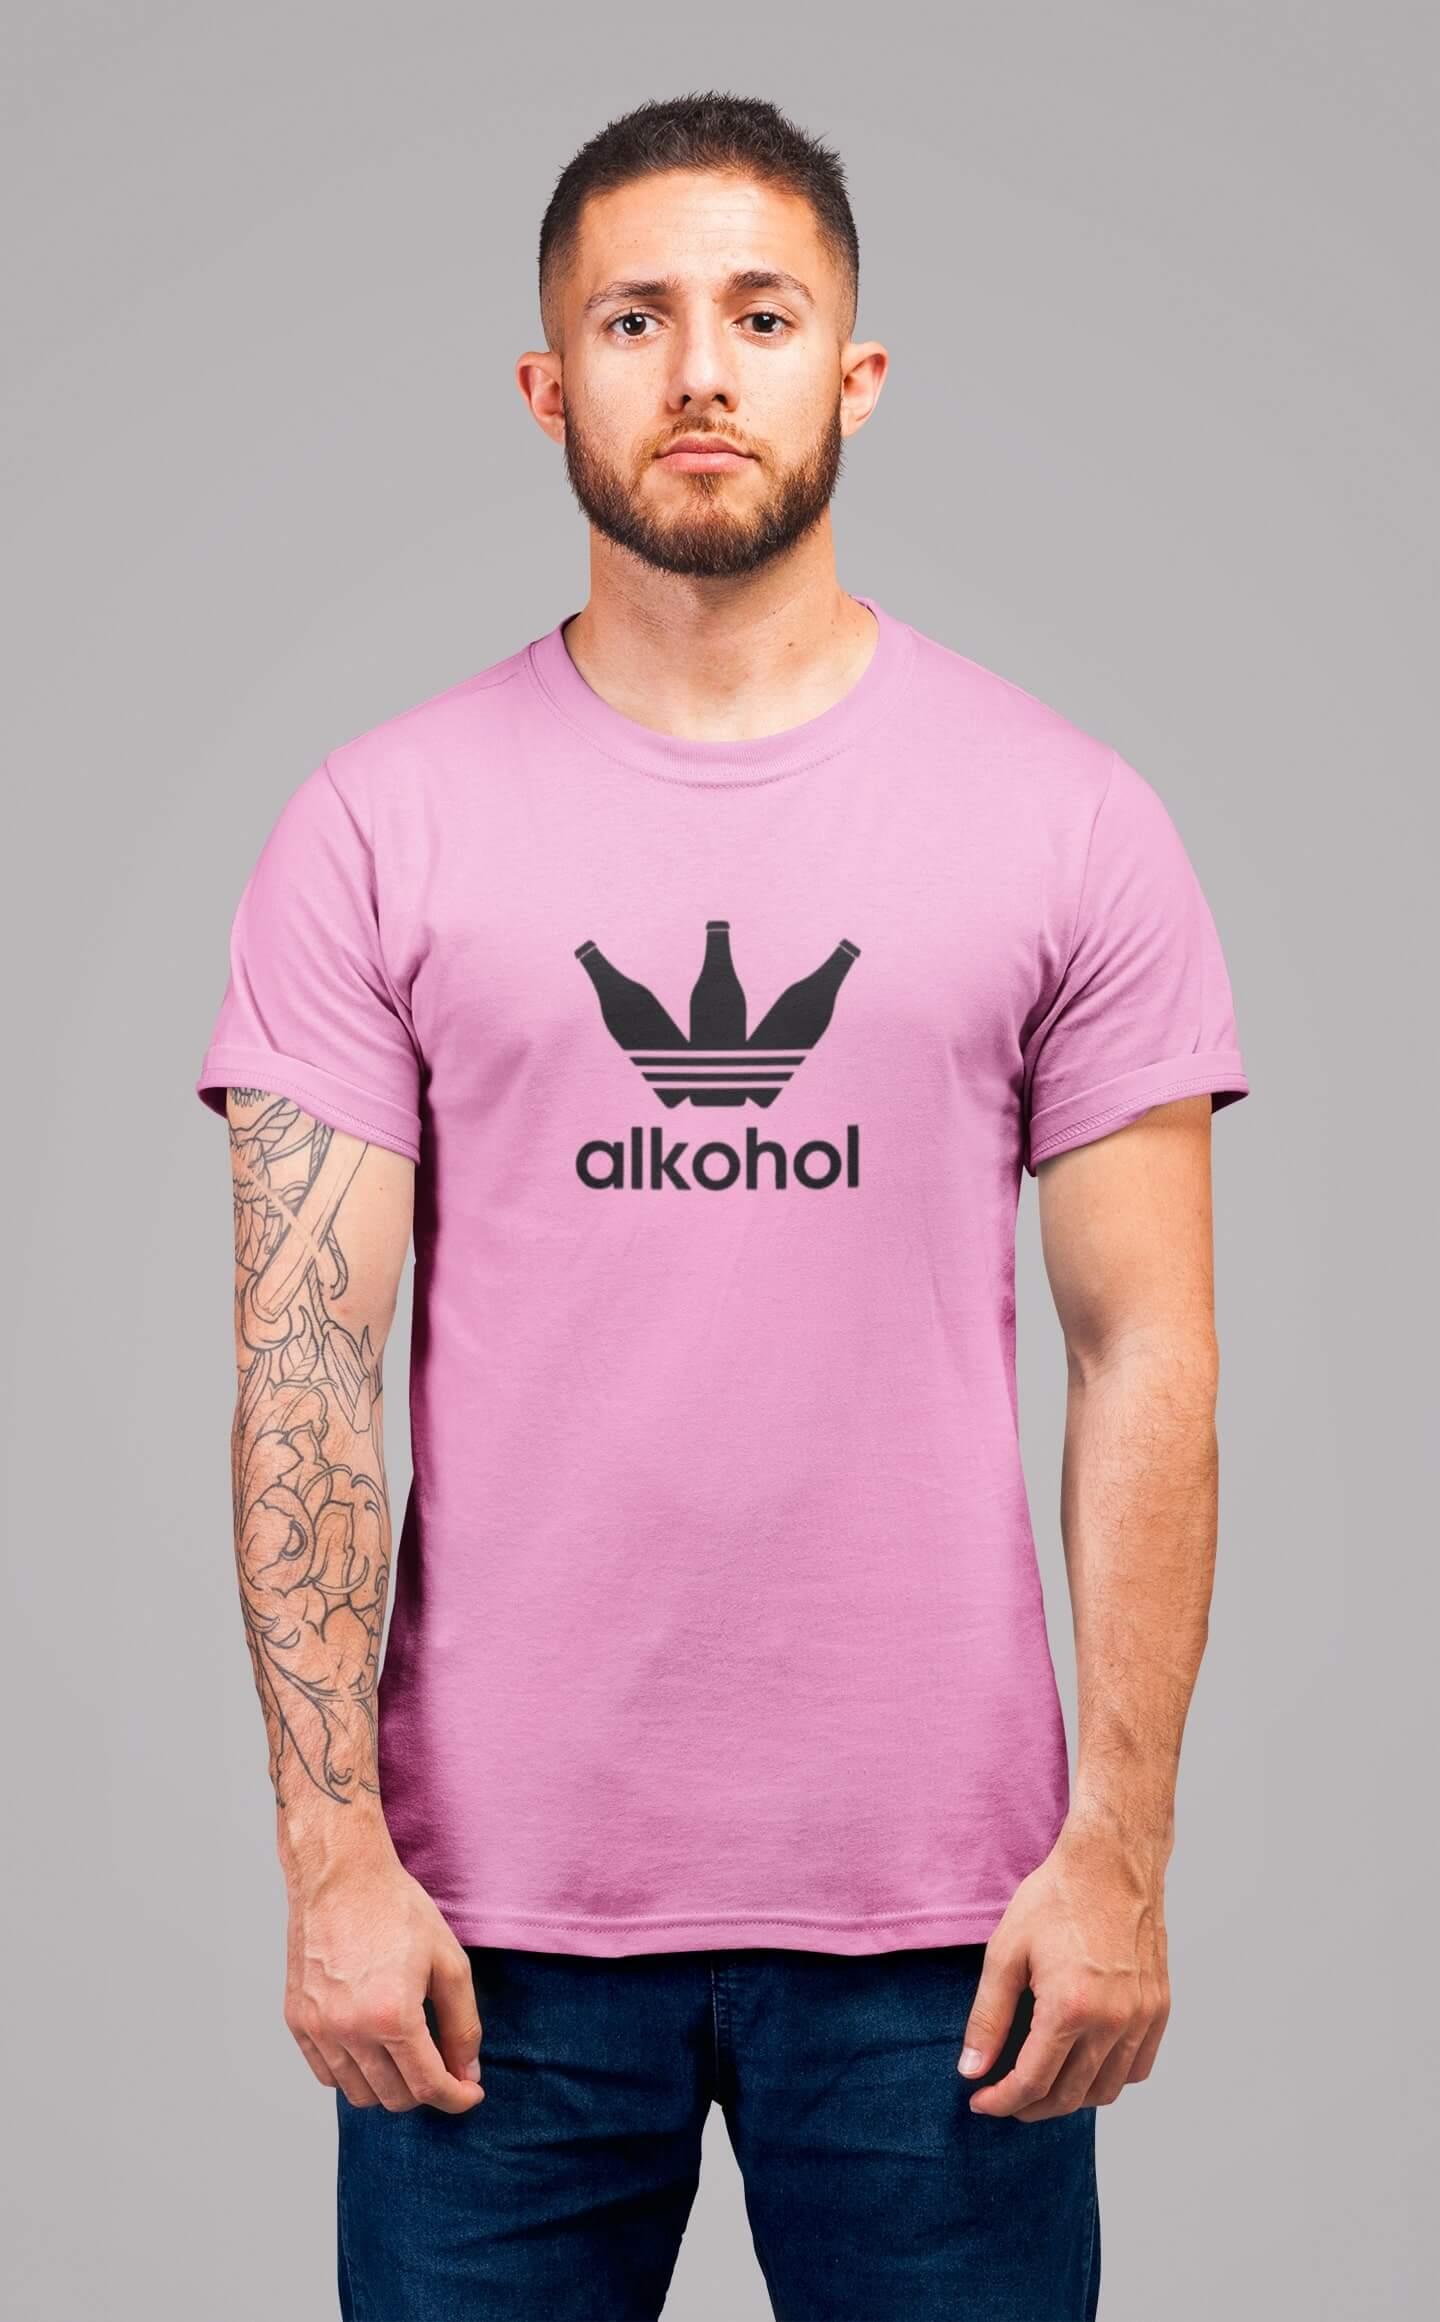 MMO Pánske tričko s flaškami Vyberte farbu: Ružová, Vyberte veľkosť: S